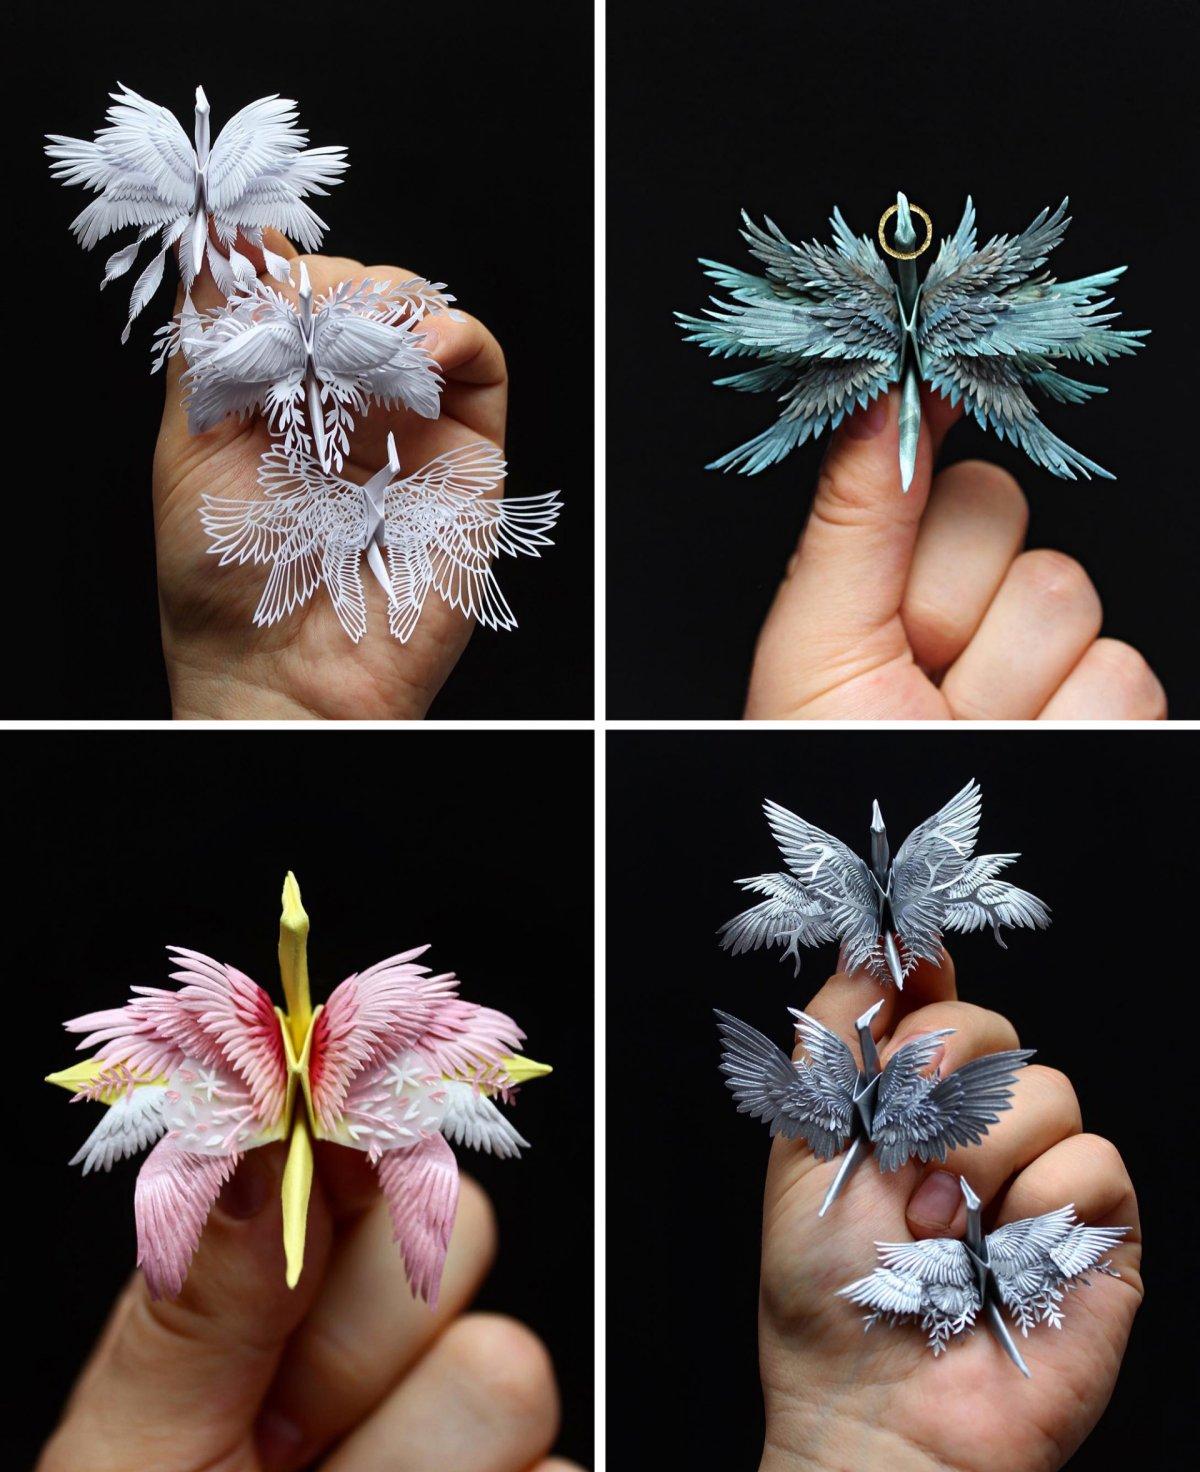 Este artista cria elegantes garças de papel compostos por intrivados cortes dobras e flores 07